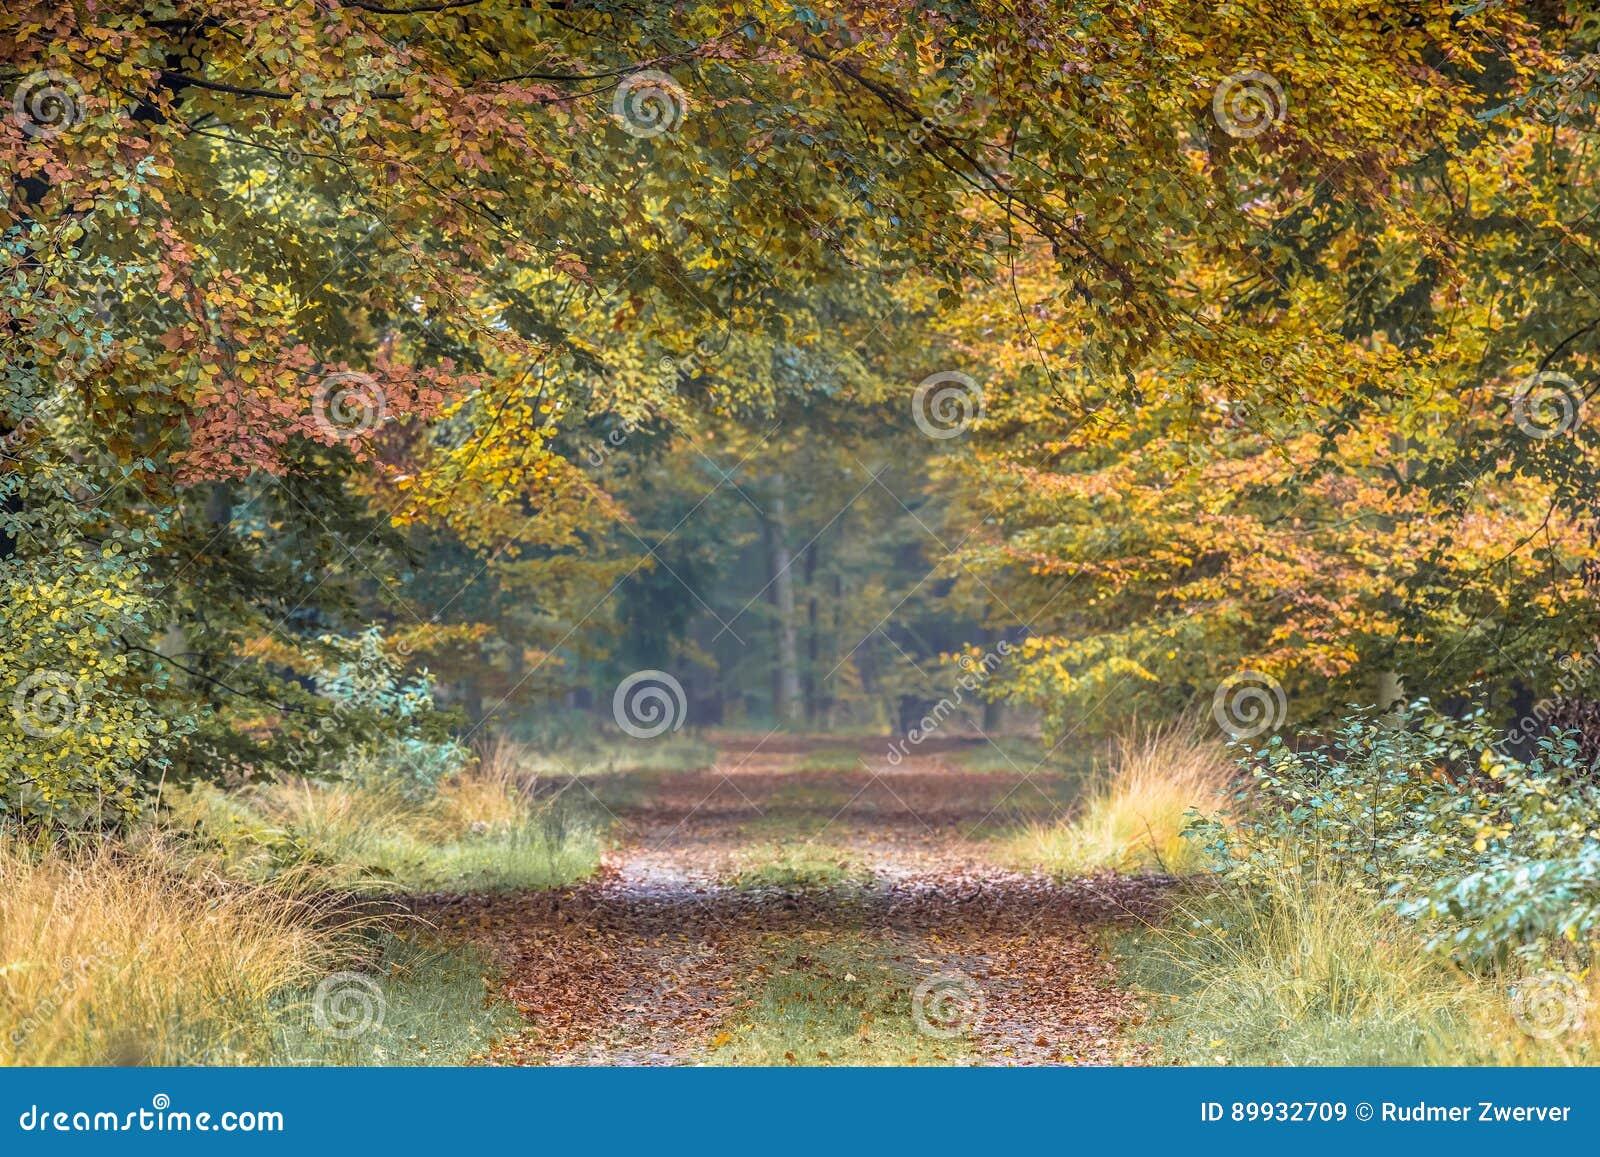 Ruelle d automne avec les feuilles jaunes et oranges de hêtre